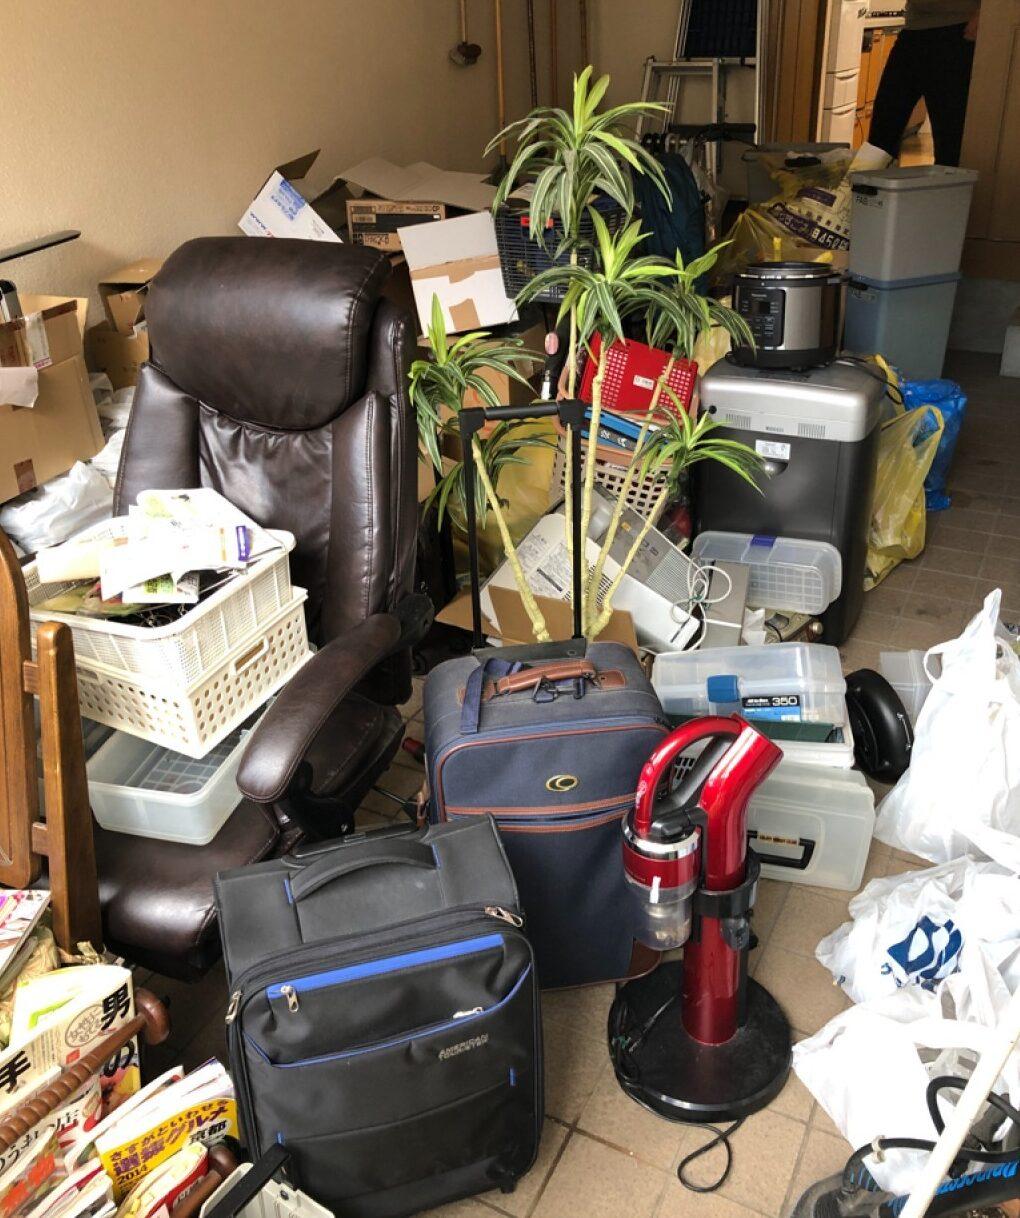 【福井市】マッサージチェア、ゴミ箱、ケース、鉢植え等の回収・処分